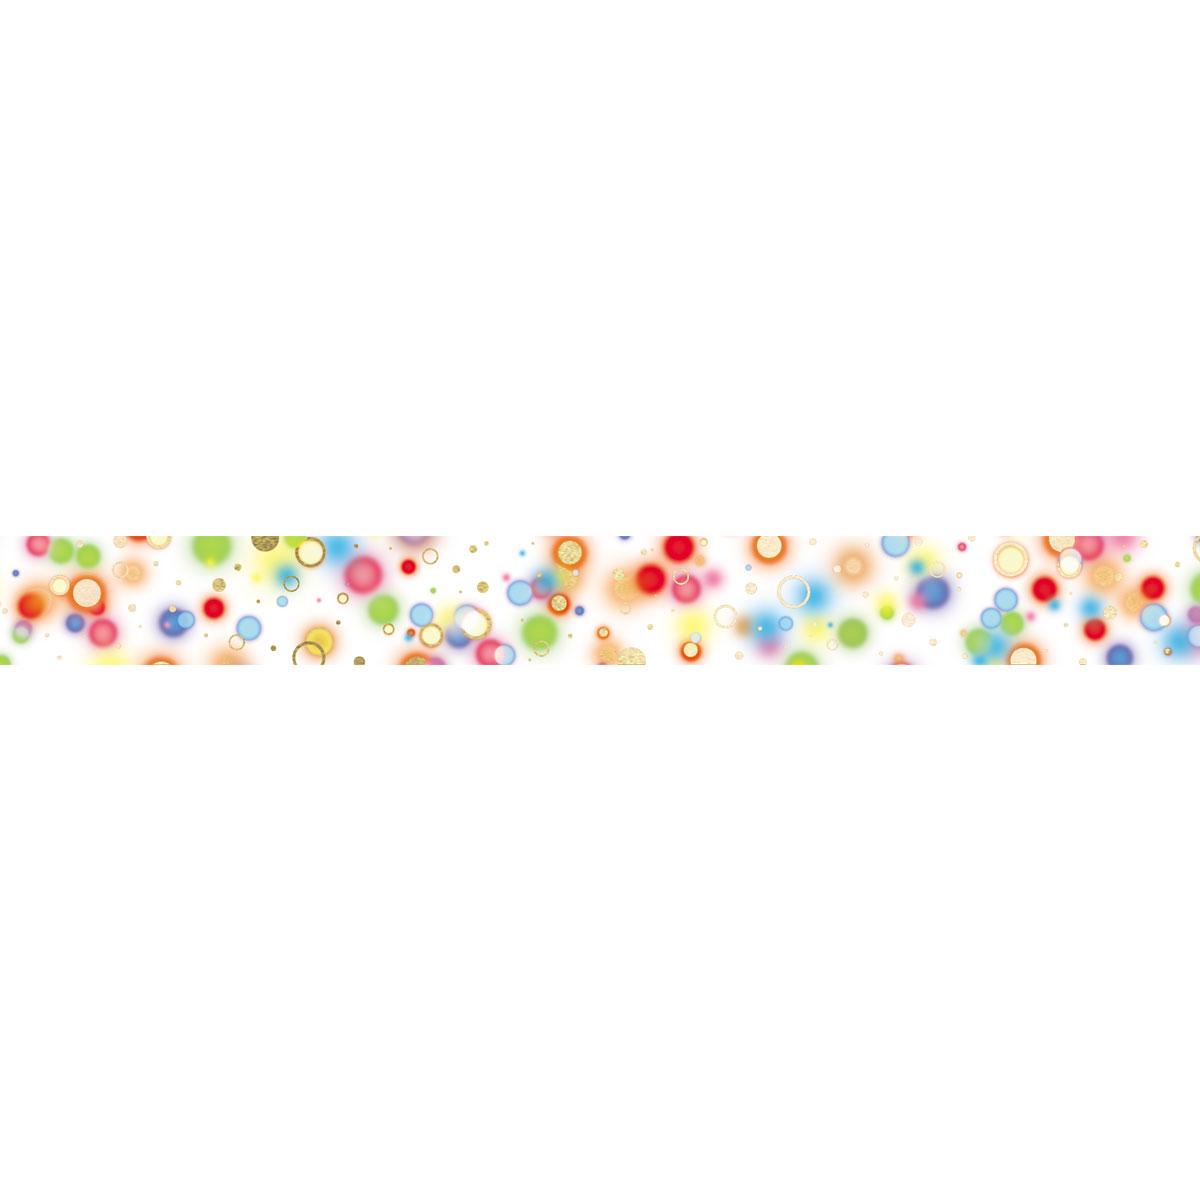 【マスキングテープ】ネオンドット ホワイト 15mm